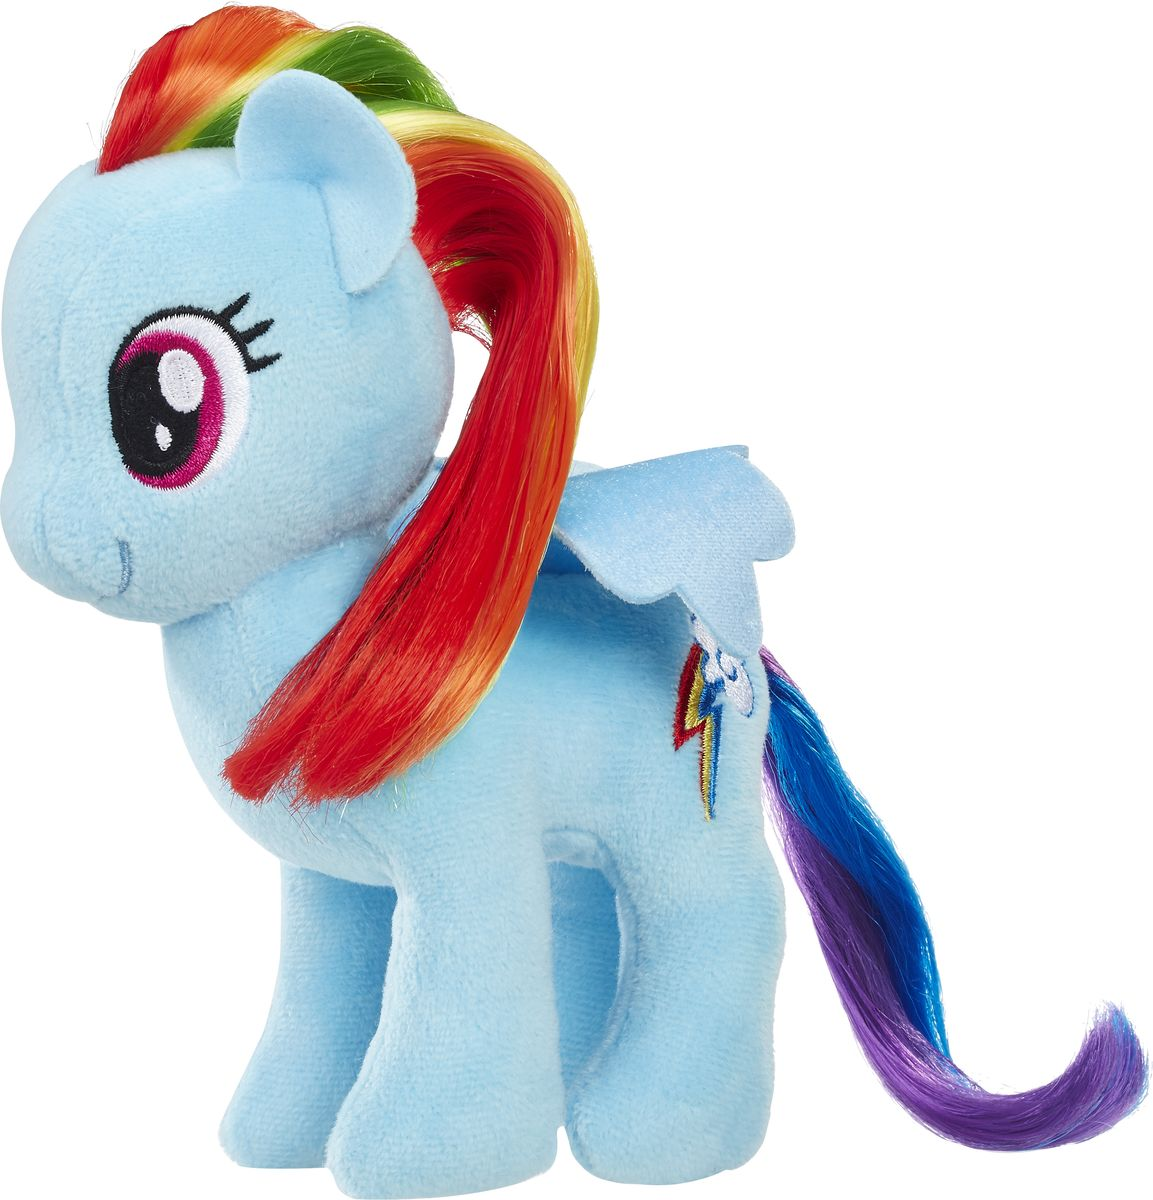 My Little Pony Мягкая игрушка Пони с волосами Rainbow Dash 19 см майка классическая printio my little pony rainbow dash